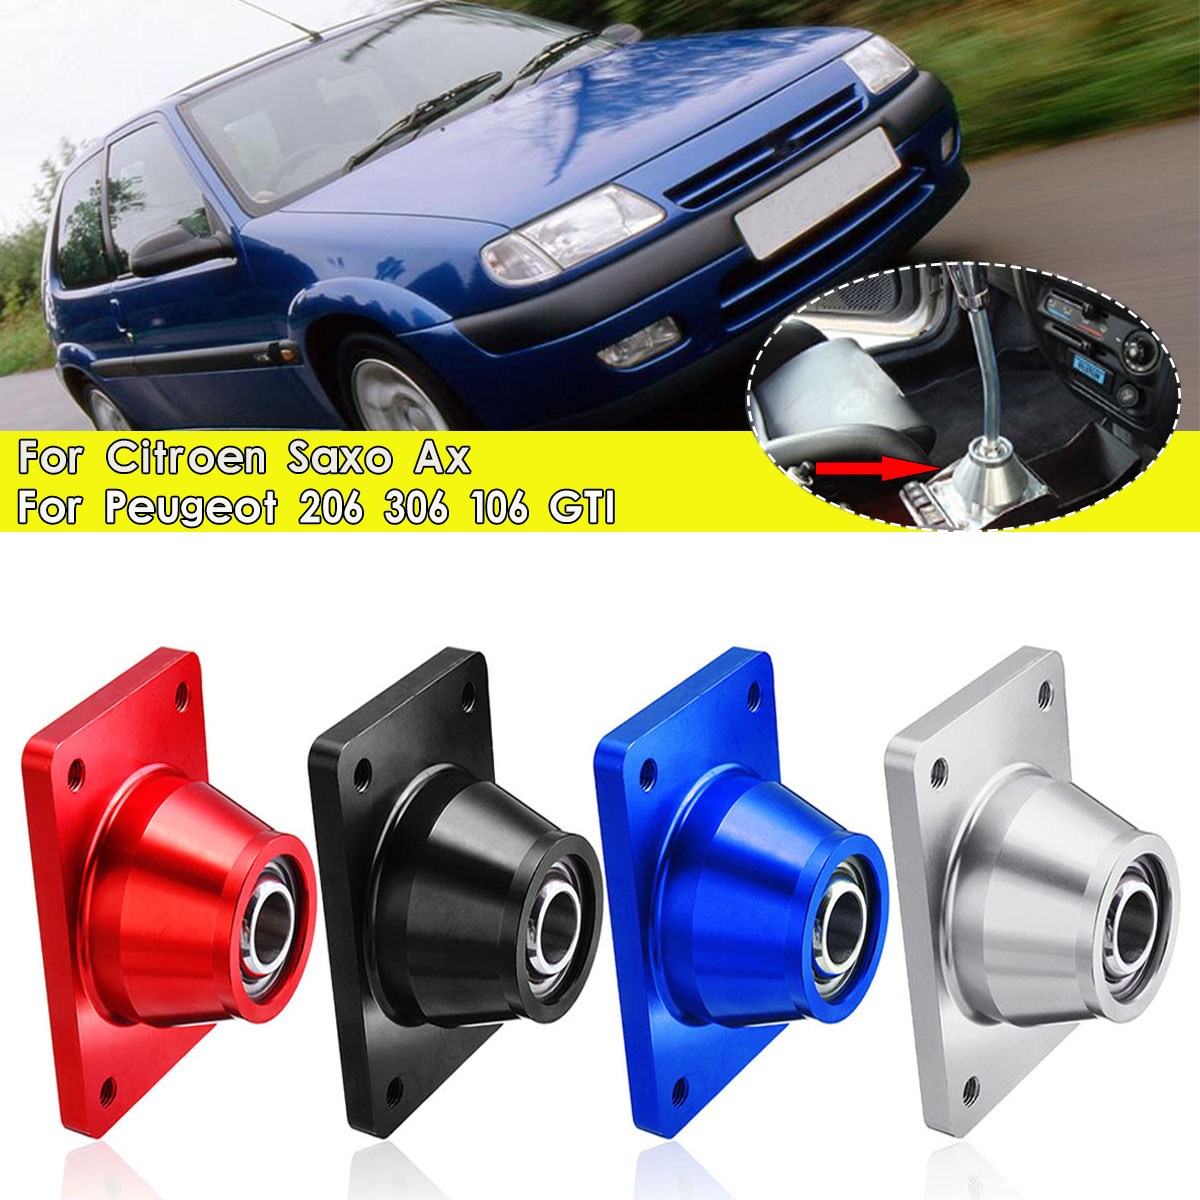 Getrouw Auto Korte Shifter Shift Quick Voor Peugeot 106 206 306 Gti Voor Citroen Ax Saxo Mk1 & Mk2 Levendig En Geweldig In Stijl